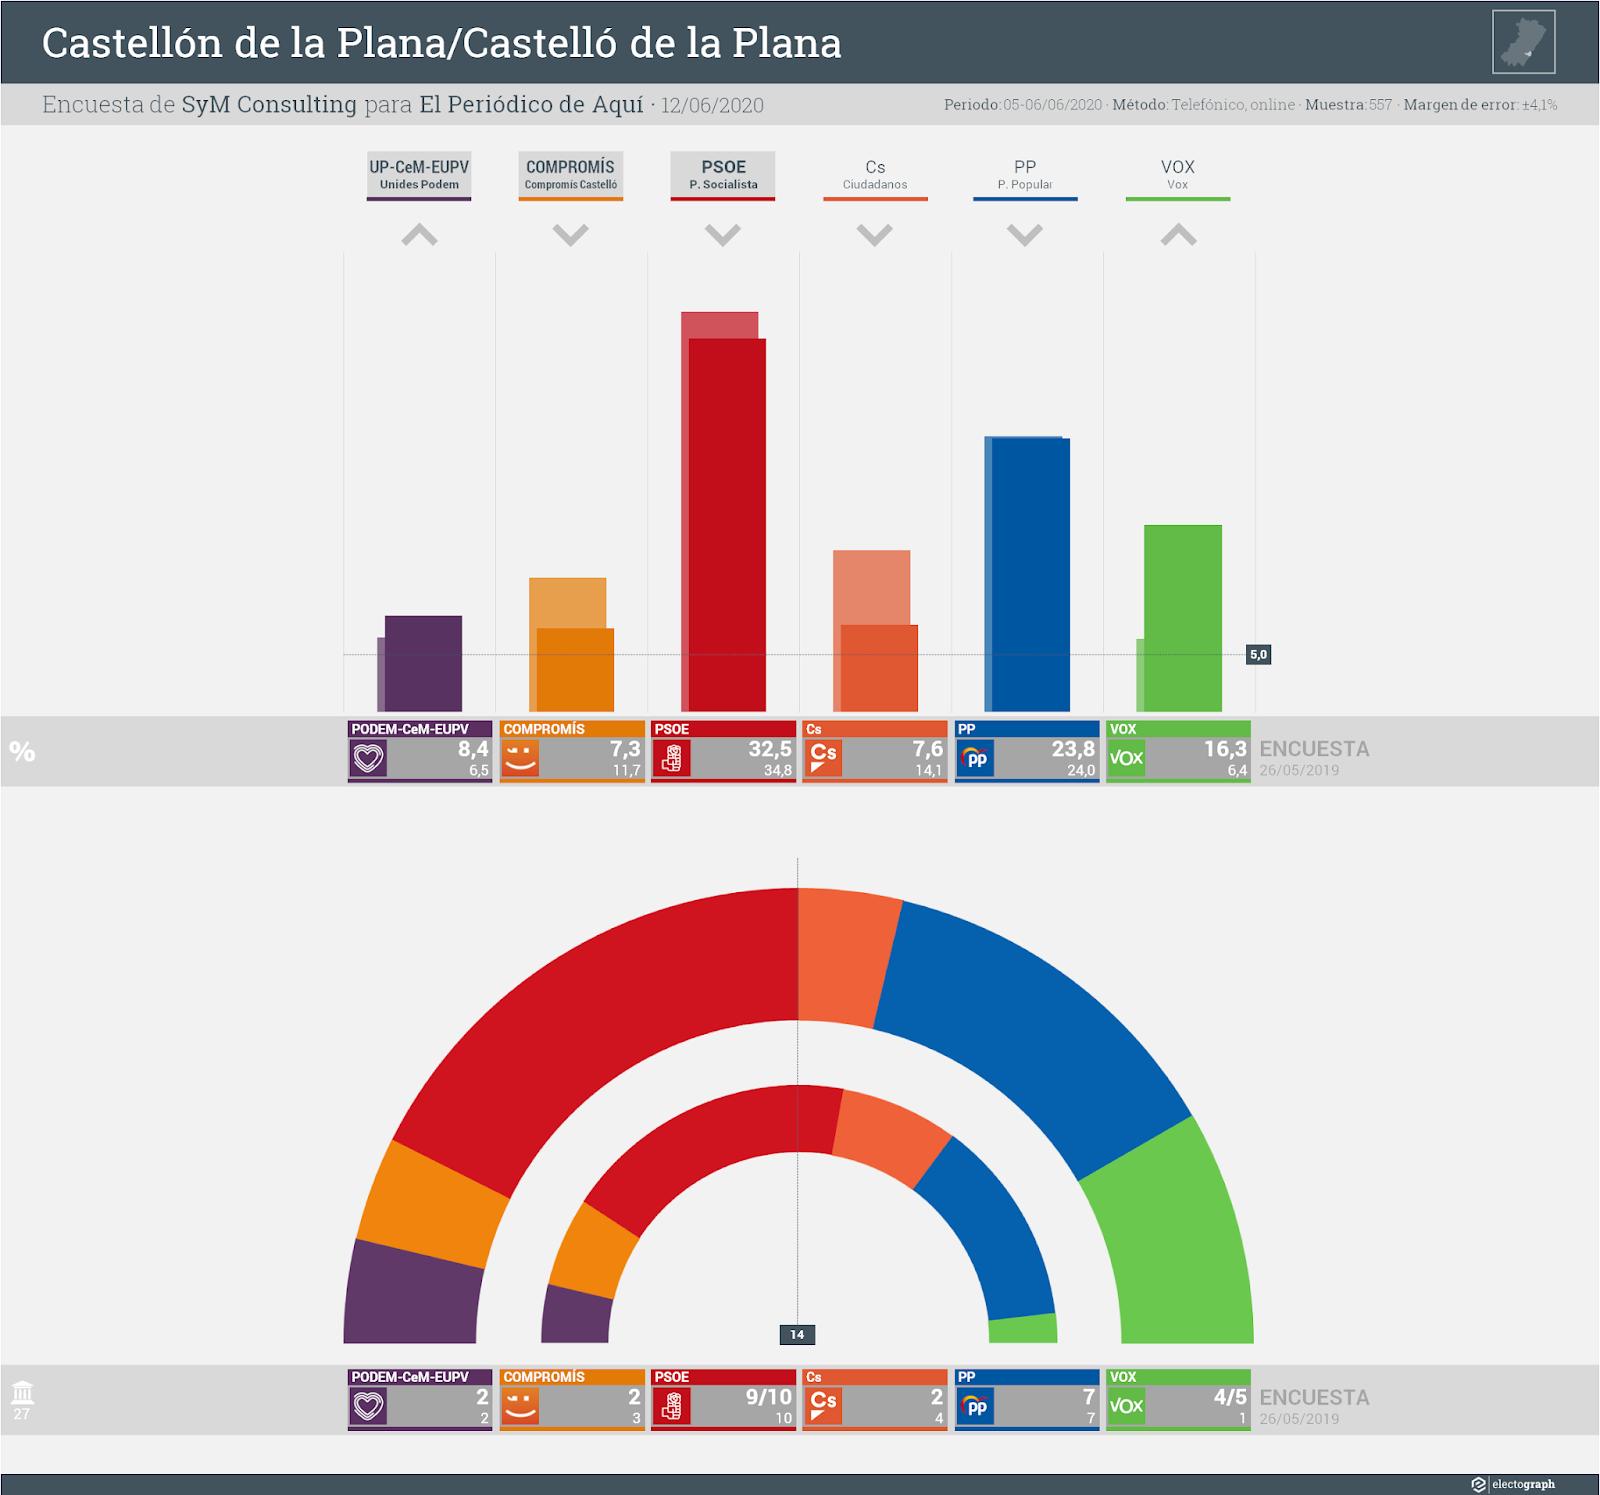 Gráfico de la encuesta para elecciones municipales en Castellón/Castelló de la Plana realizada por SyM Consulting para El Periódico de Aquí, 12 de junio de 2020